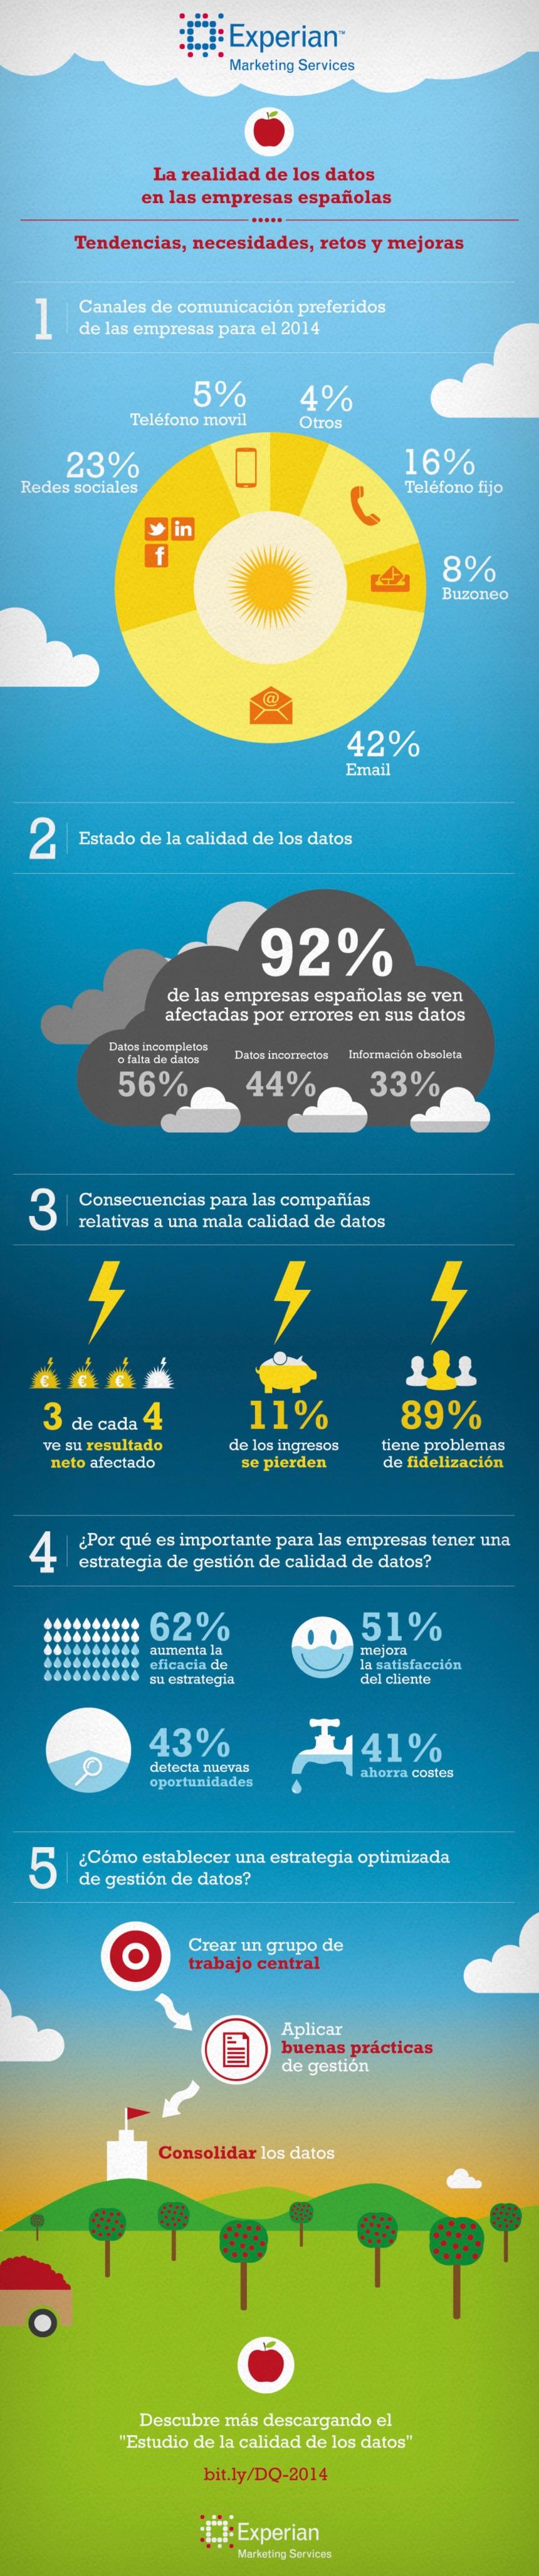 La realidad de los datos en las empresas españolas